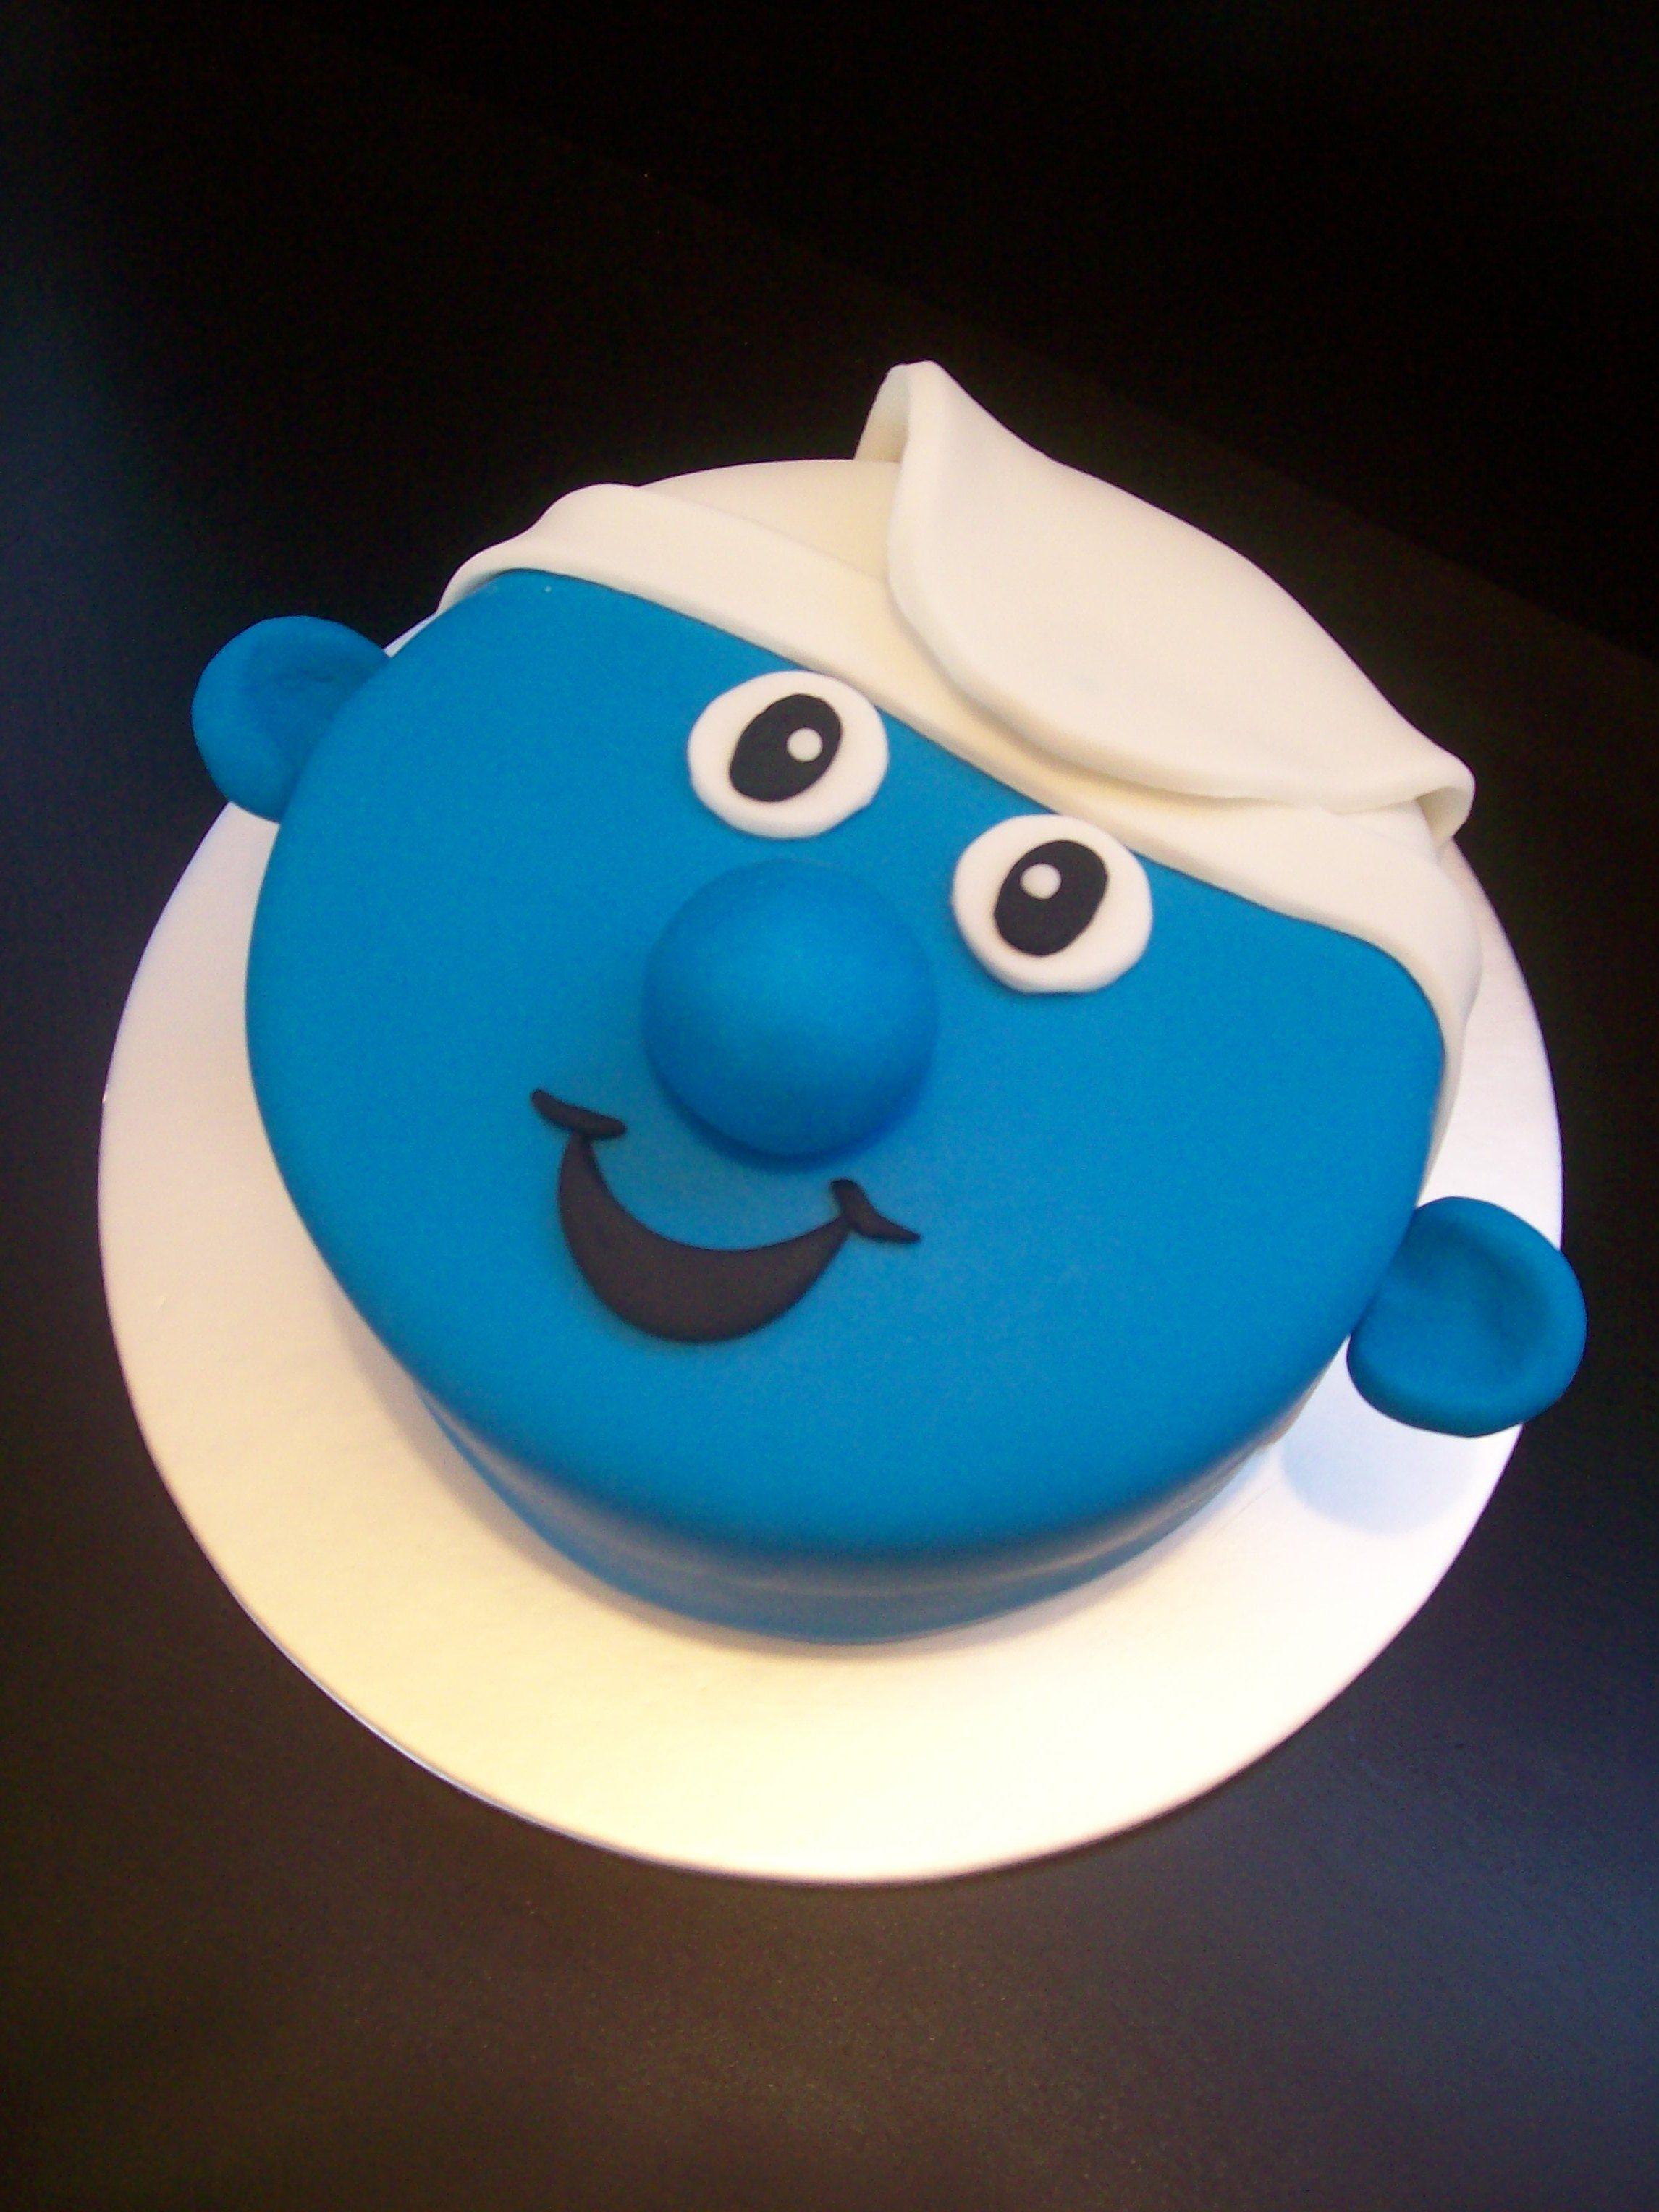 Clumsy Smurf Cake Auckland 99 Cake Smurfs Cake Cake Designs